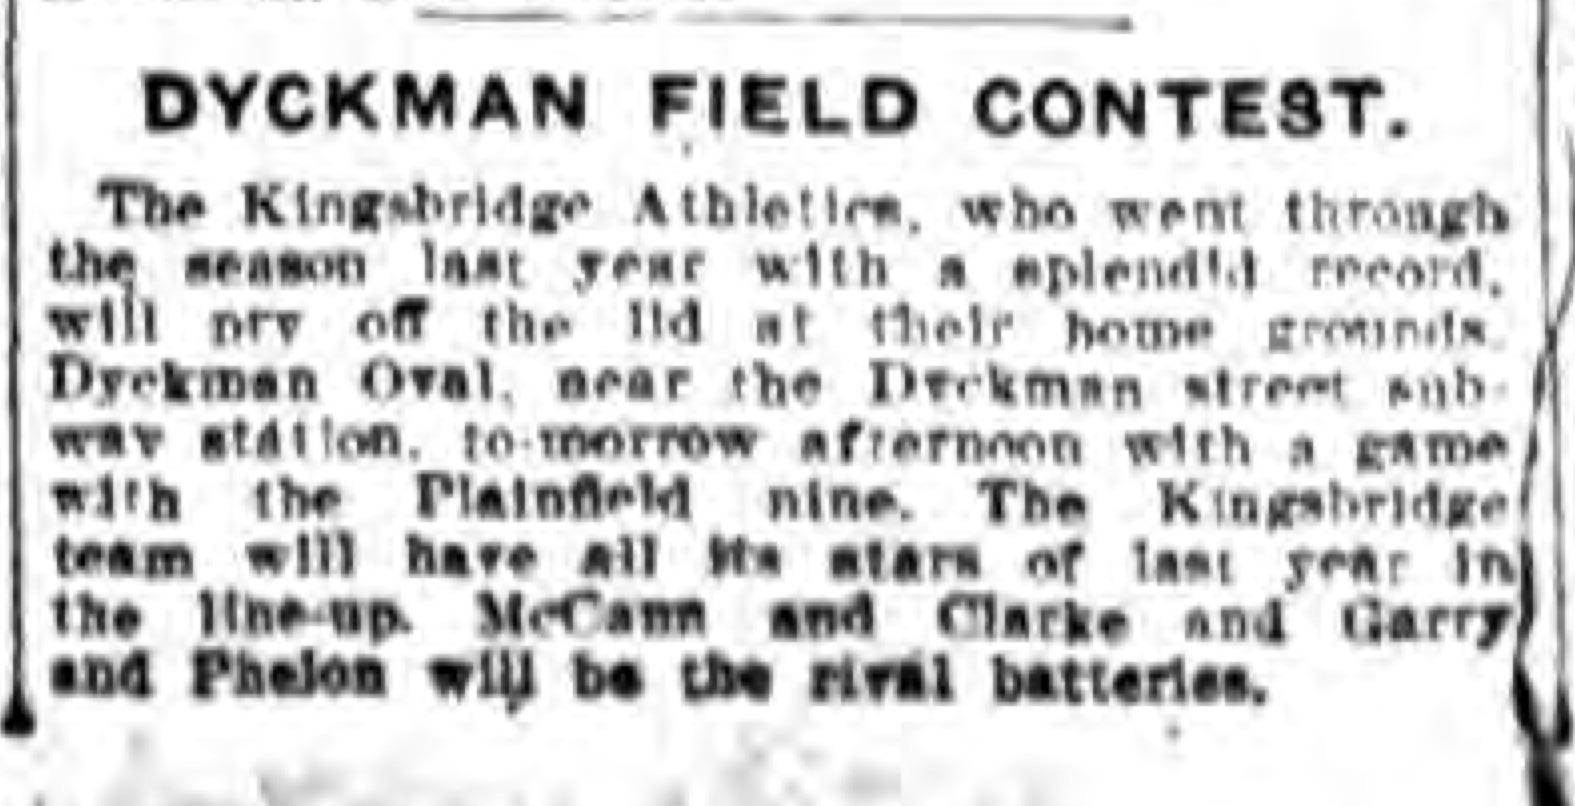 Kingsbridge Athletics baseball 1915 Dyckman Oval